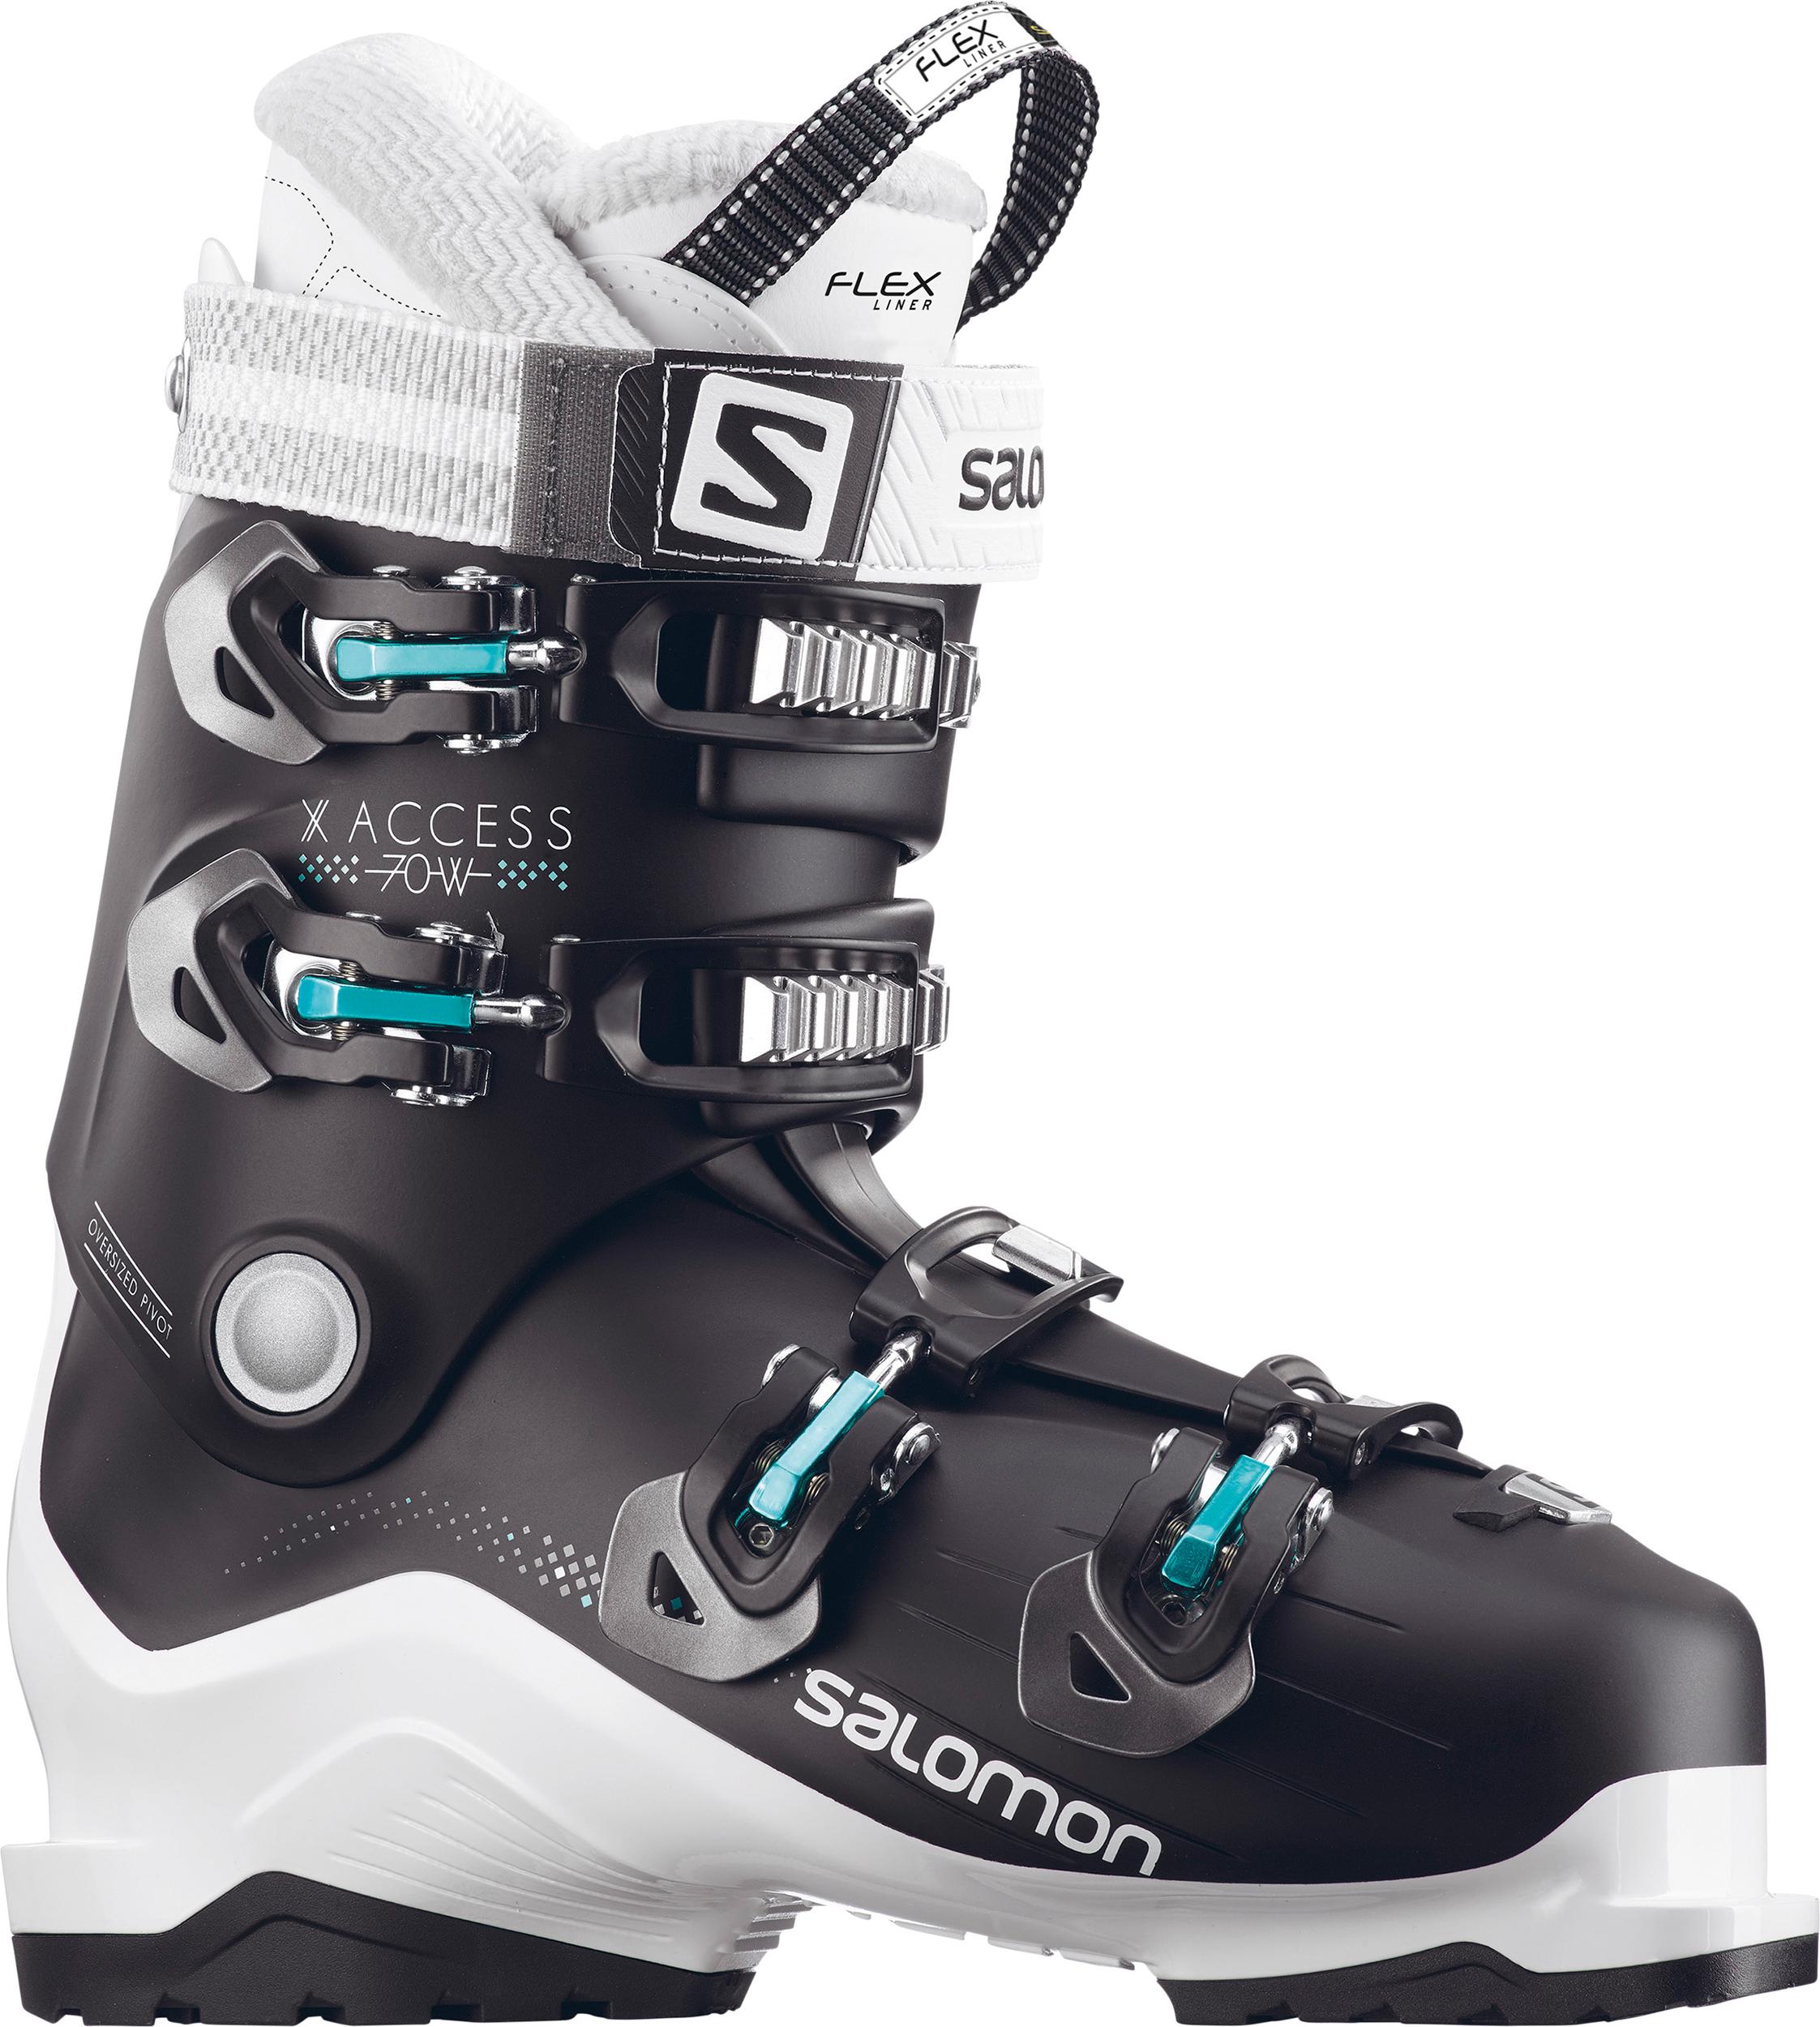 0c86ad717e7 Downhill ski boots and accessories